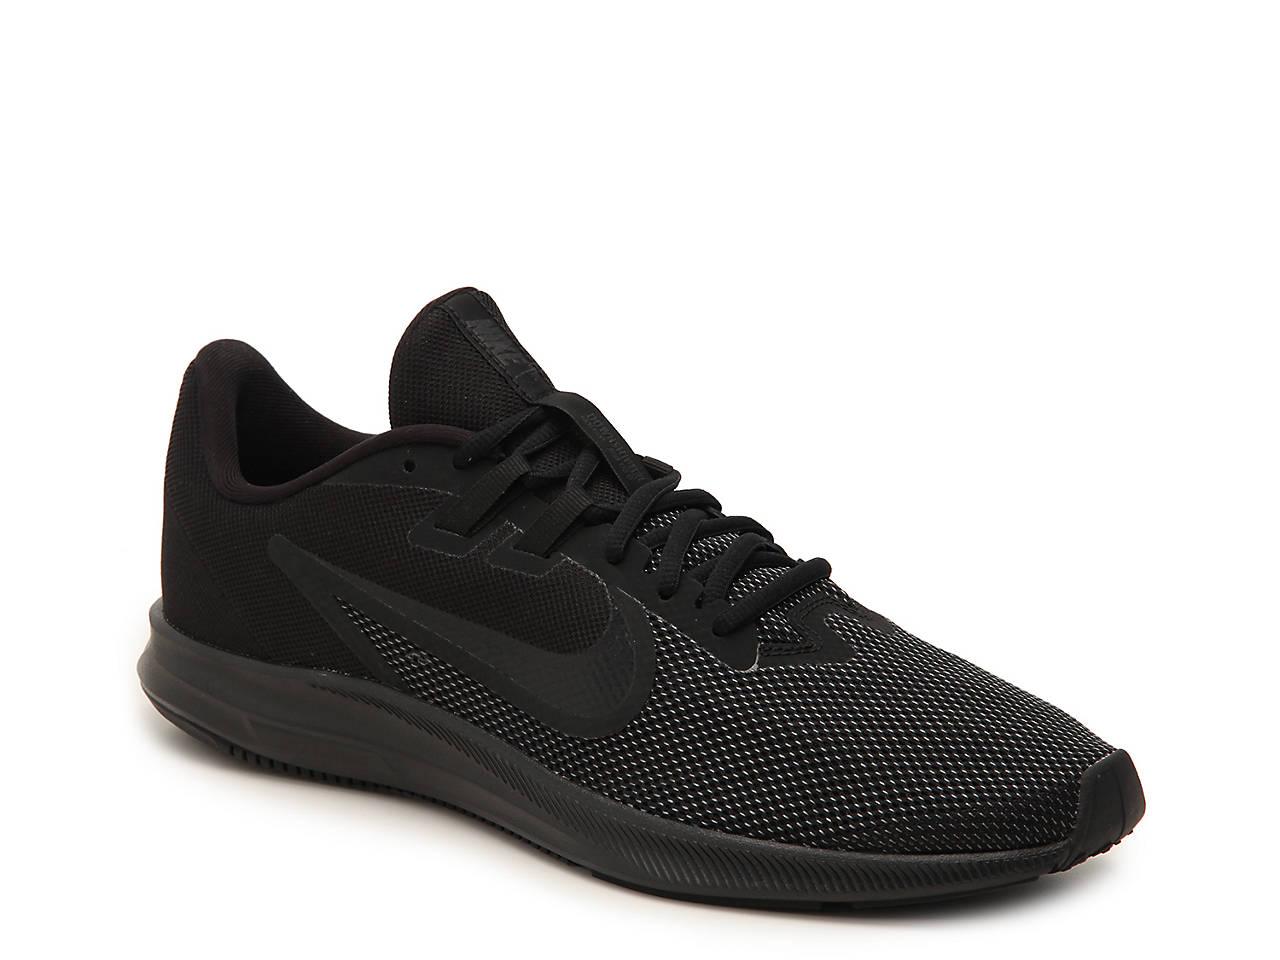 save off f2626 ec3d1 Nike. Downshifter 9 Lightweight Running Shoe - Men s